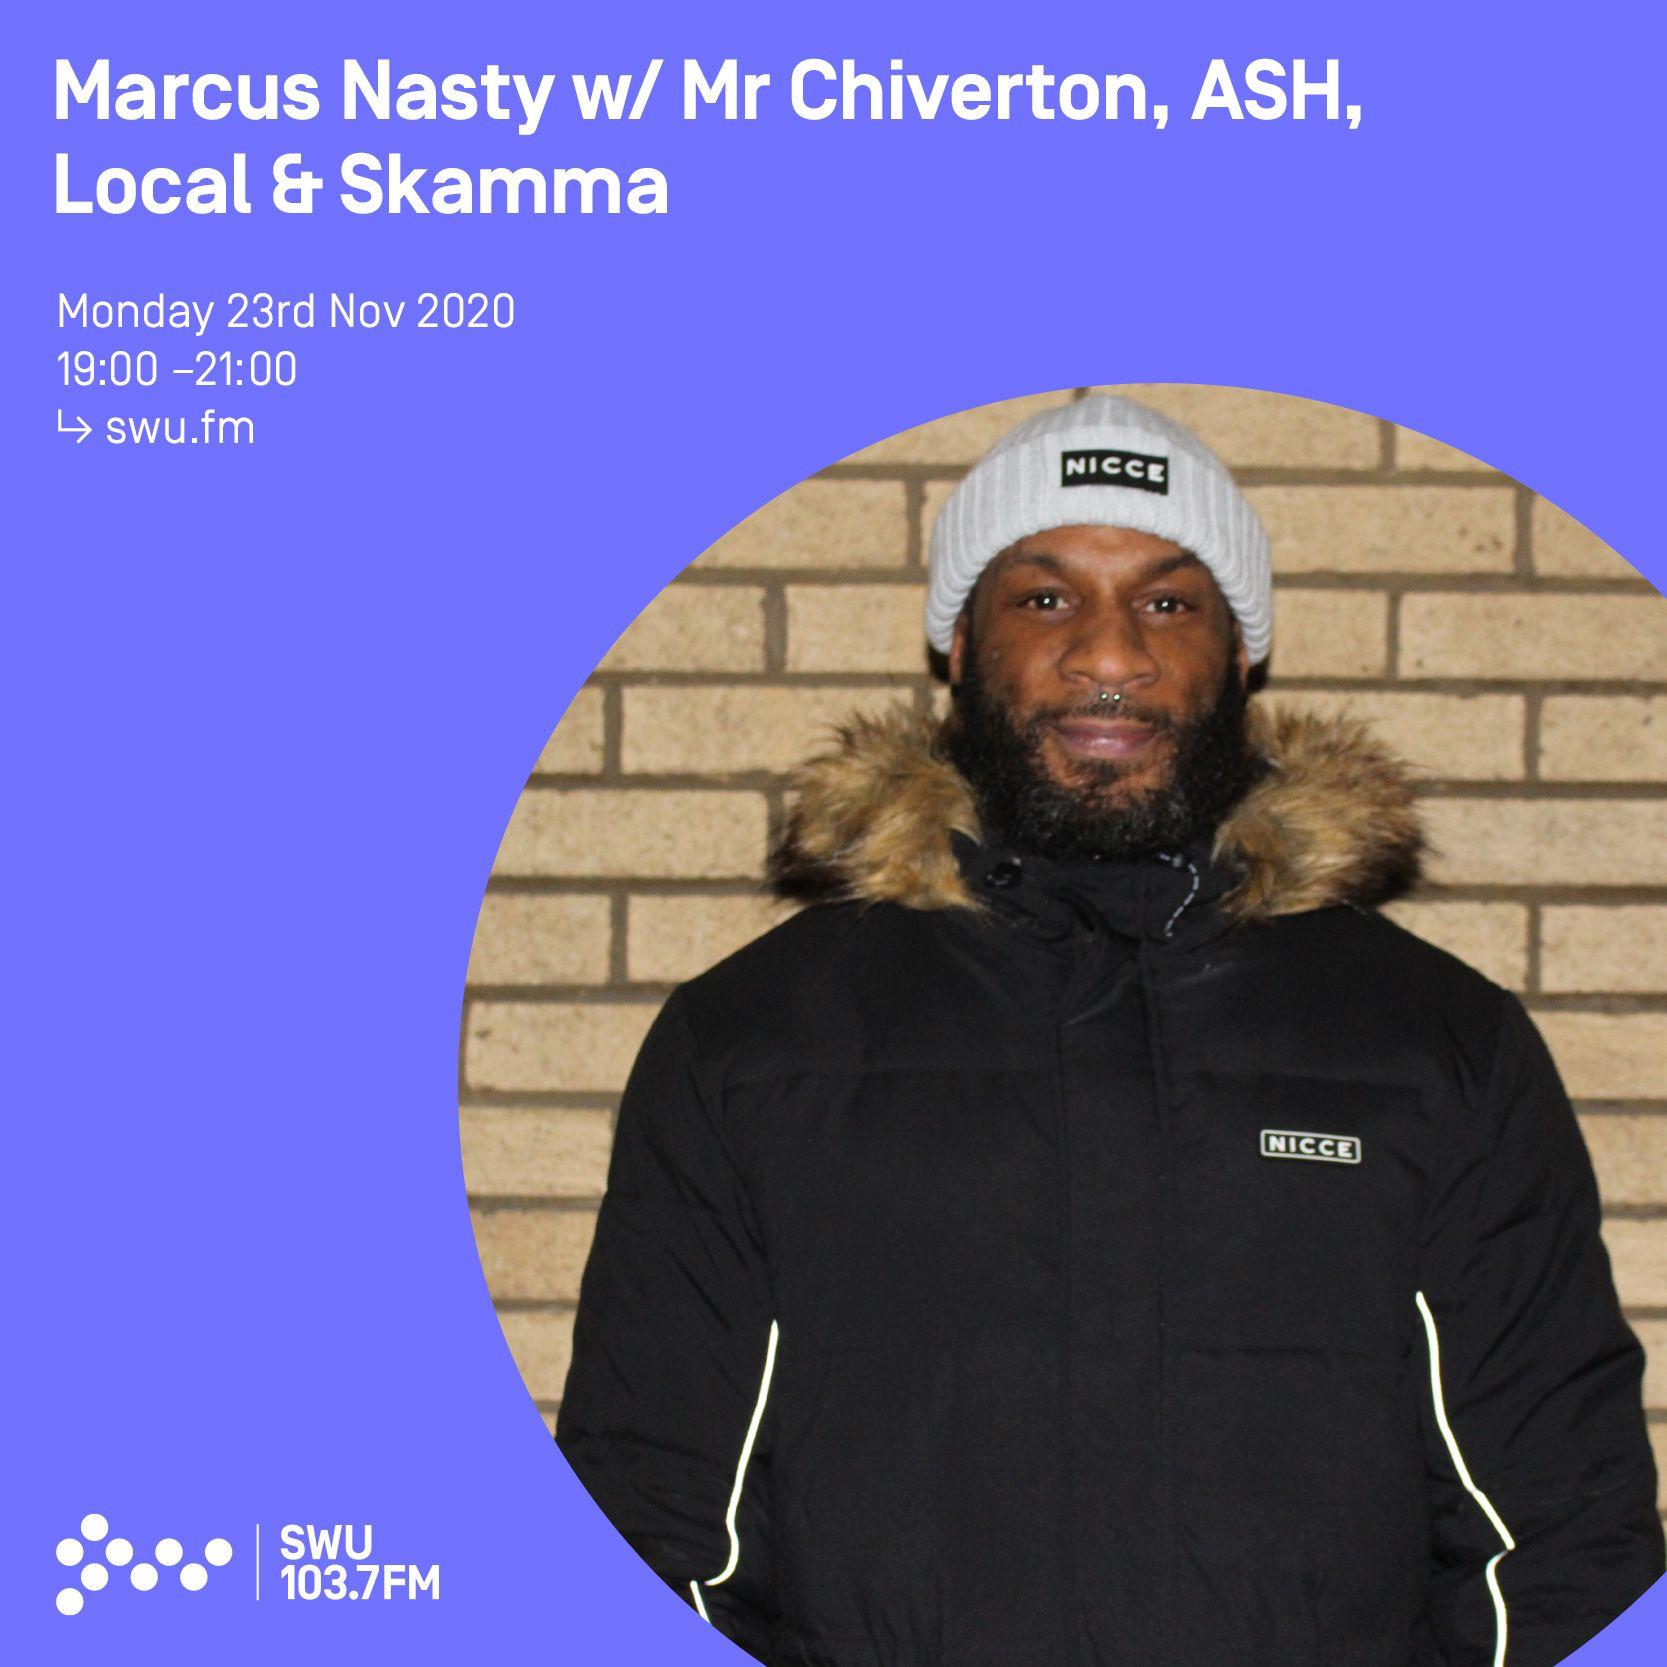 Marcus Nasty